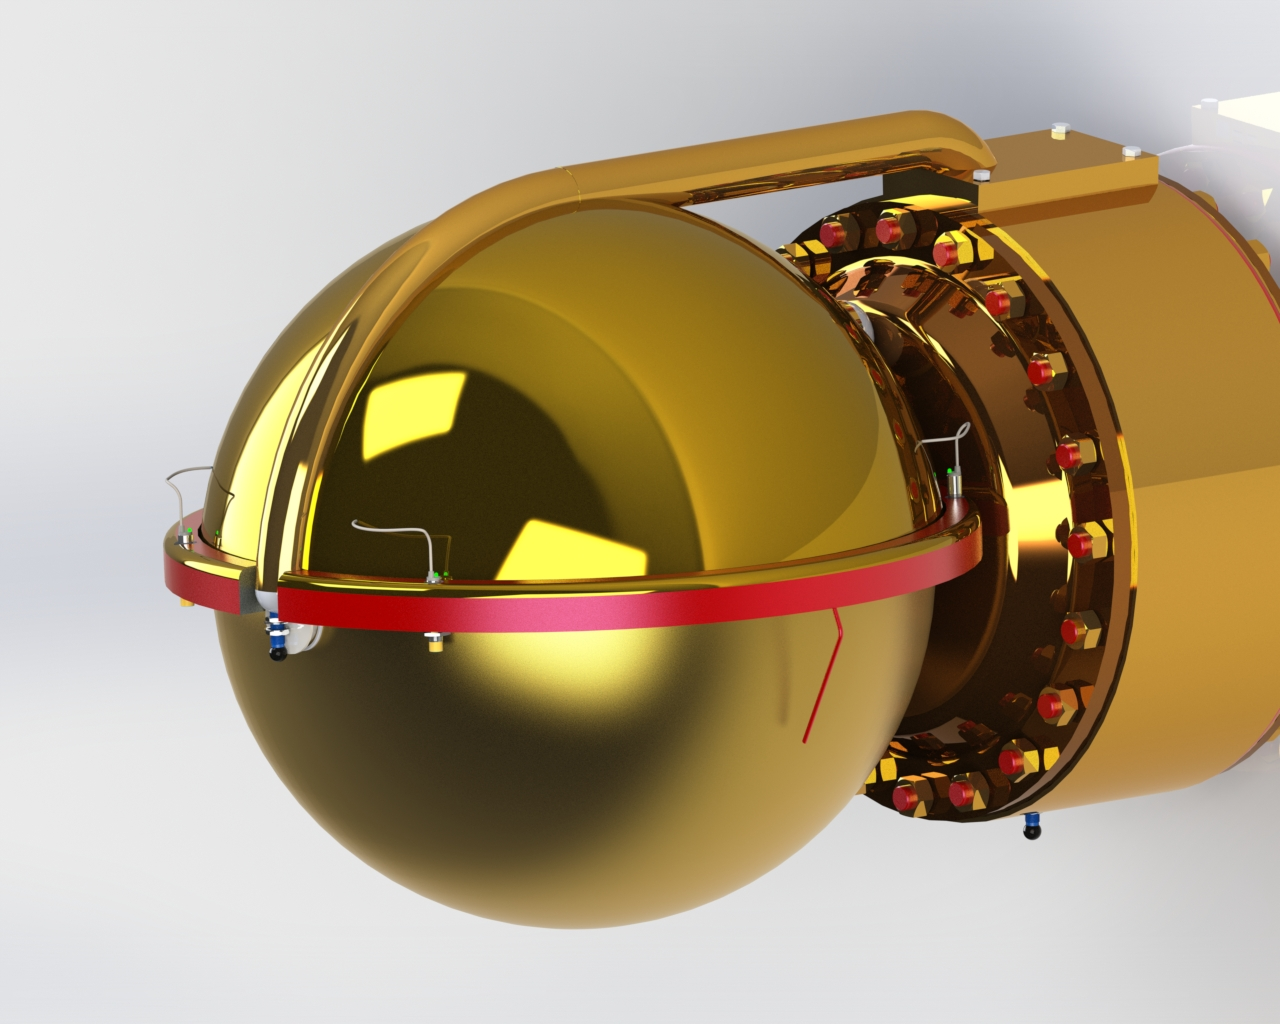 اختراع دستگاه پاک کننده و محافظ دوربین های مدار بسته